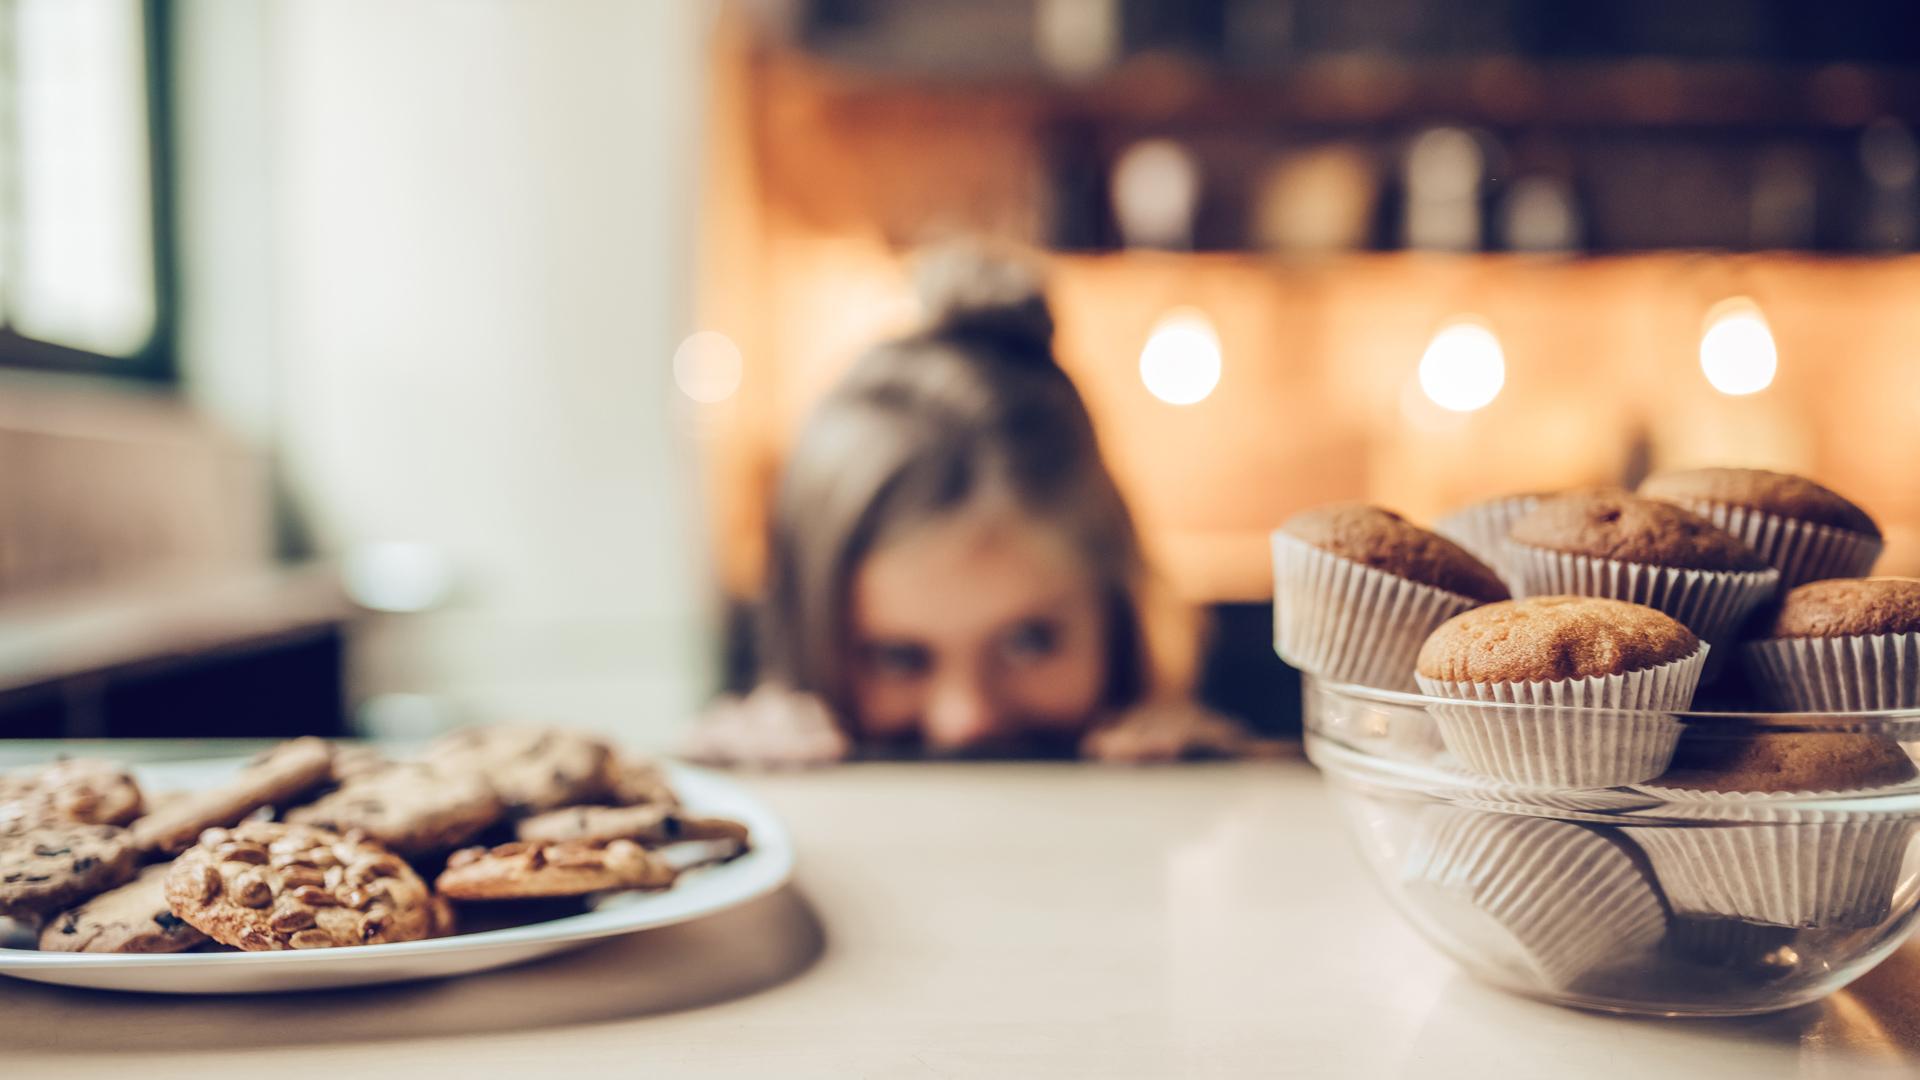 Une assiette de biscuits et un bol de muffins sont fixés du regard par une fillette en arrière-plan.